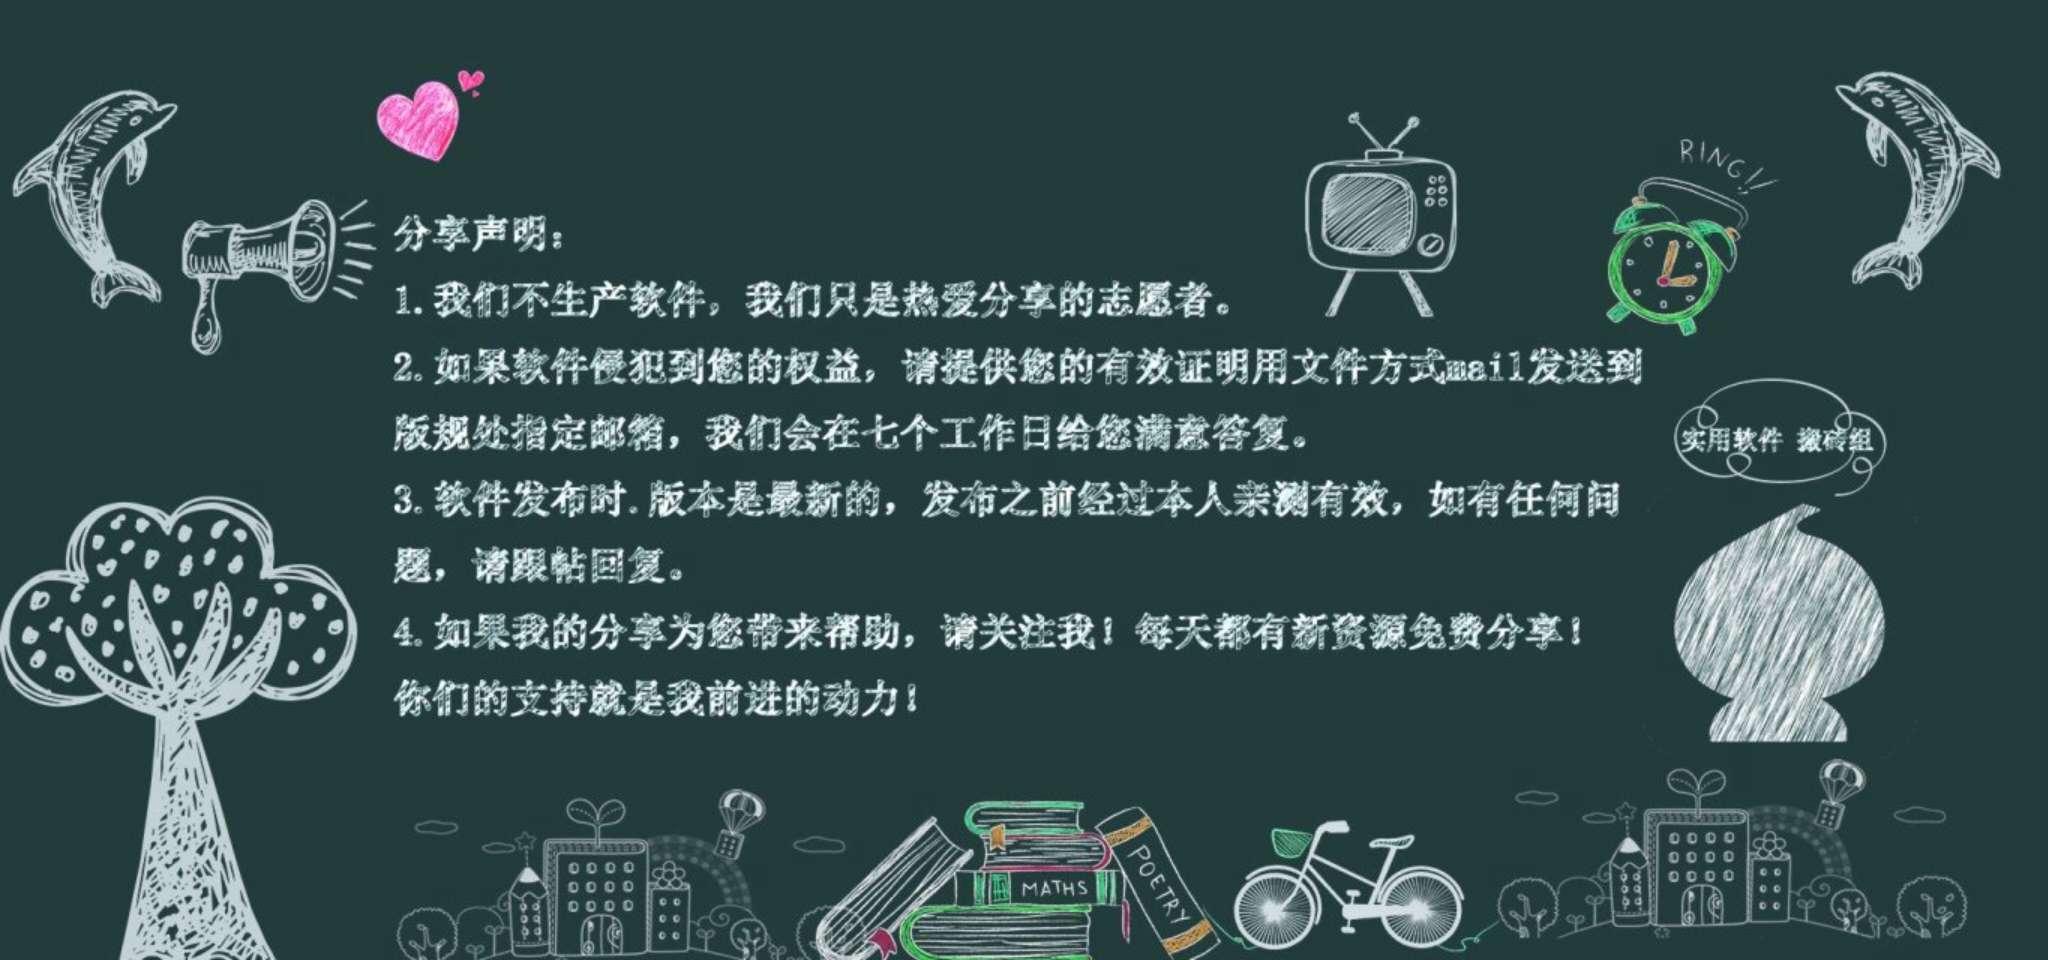 【资源分享】秀秀视频剪辑(快速剪辑视频)-爱小助